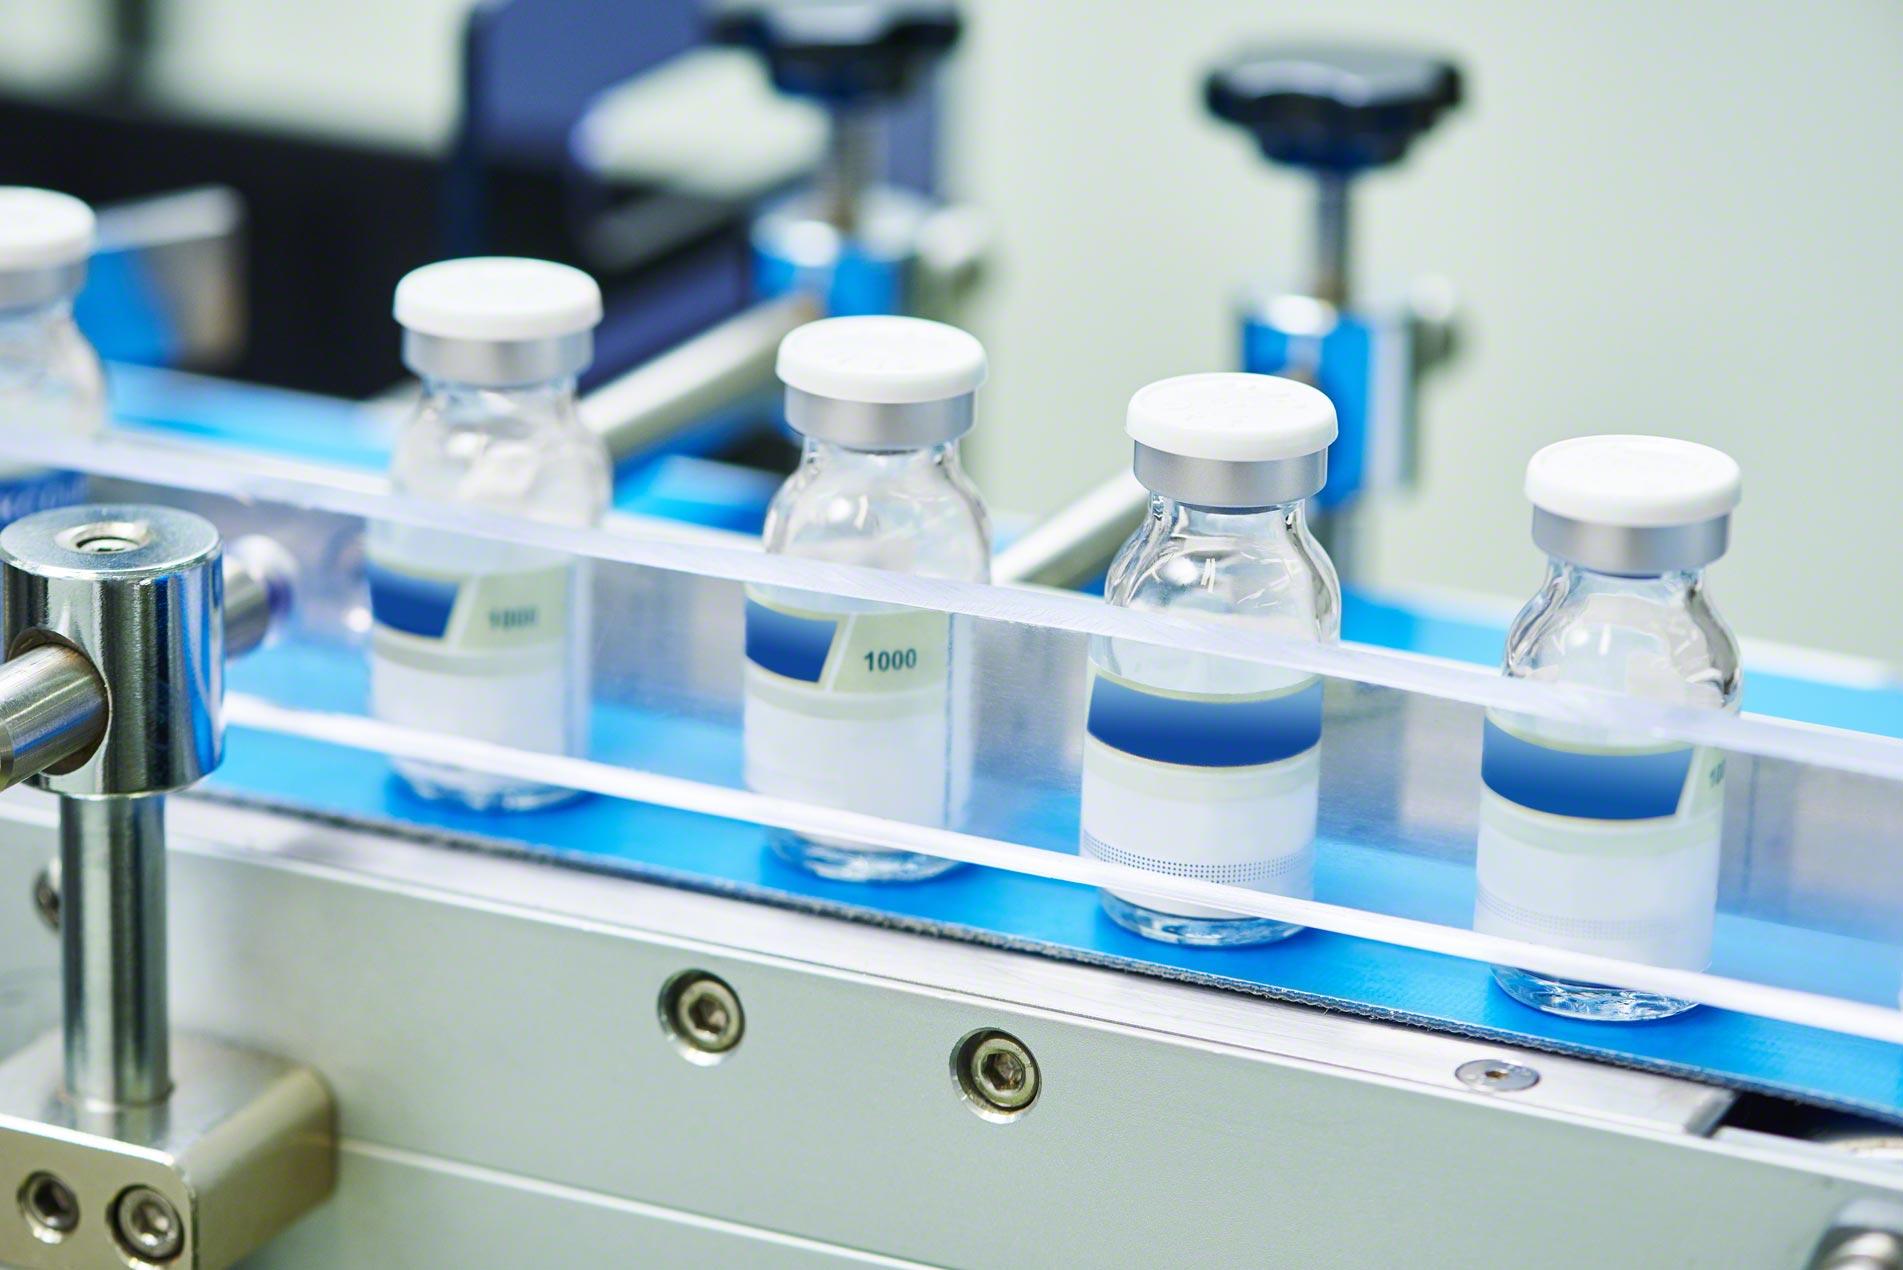 Logiciel pour l'industrie pharmaceutique